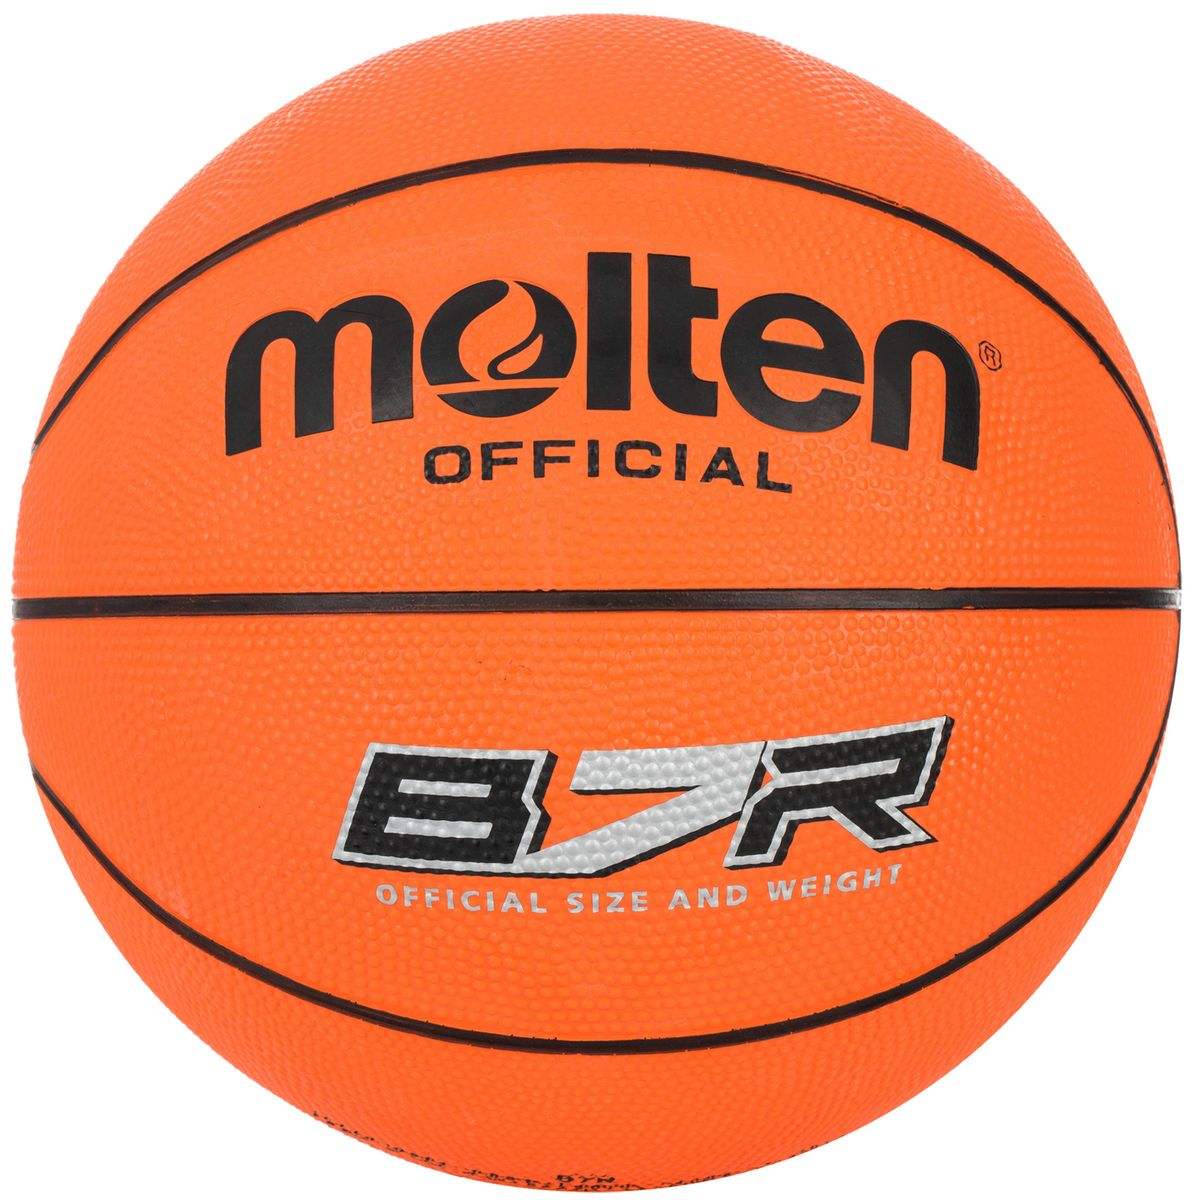 Мяч баскетбольный Molten PROfessional. Размер 7. B7RB7RБаскетбольный мяч Molten Professional утверждён и одобрен FIBA. Мяч выполнен из высококачественной резины и состоит из 8 проклеенных между собой панелей. Внутренняя камера выполнена из бутила, и имеет нейлоновую обмотку.Мяч имеет официальные технические характеристики, соответствующие матчевым требованиям.